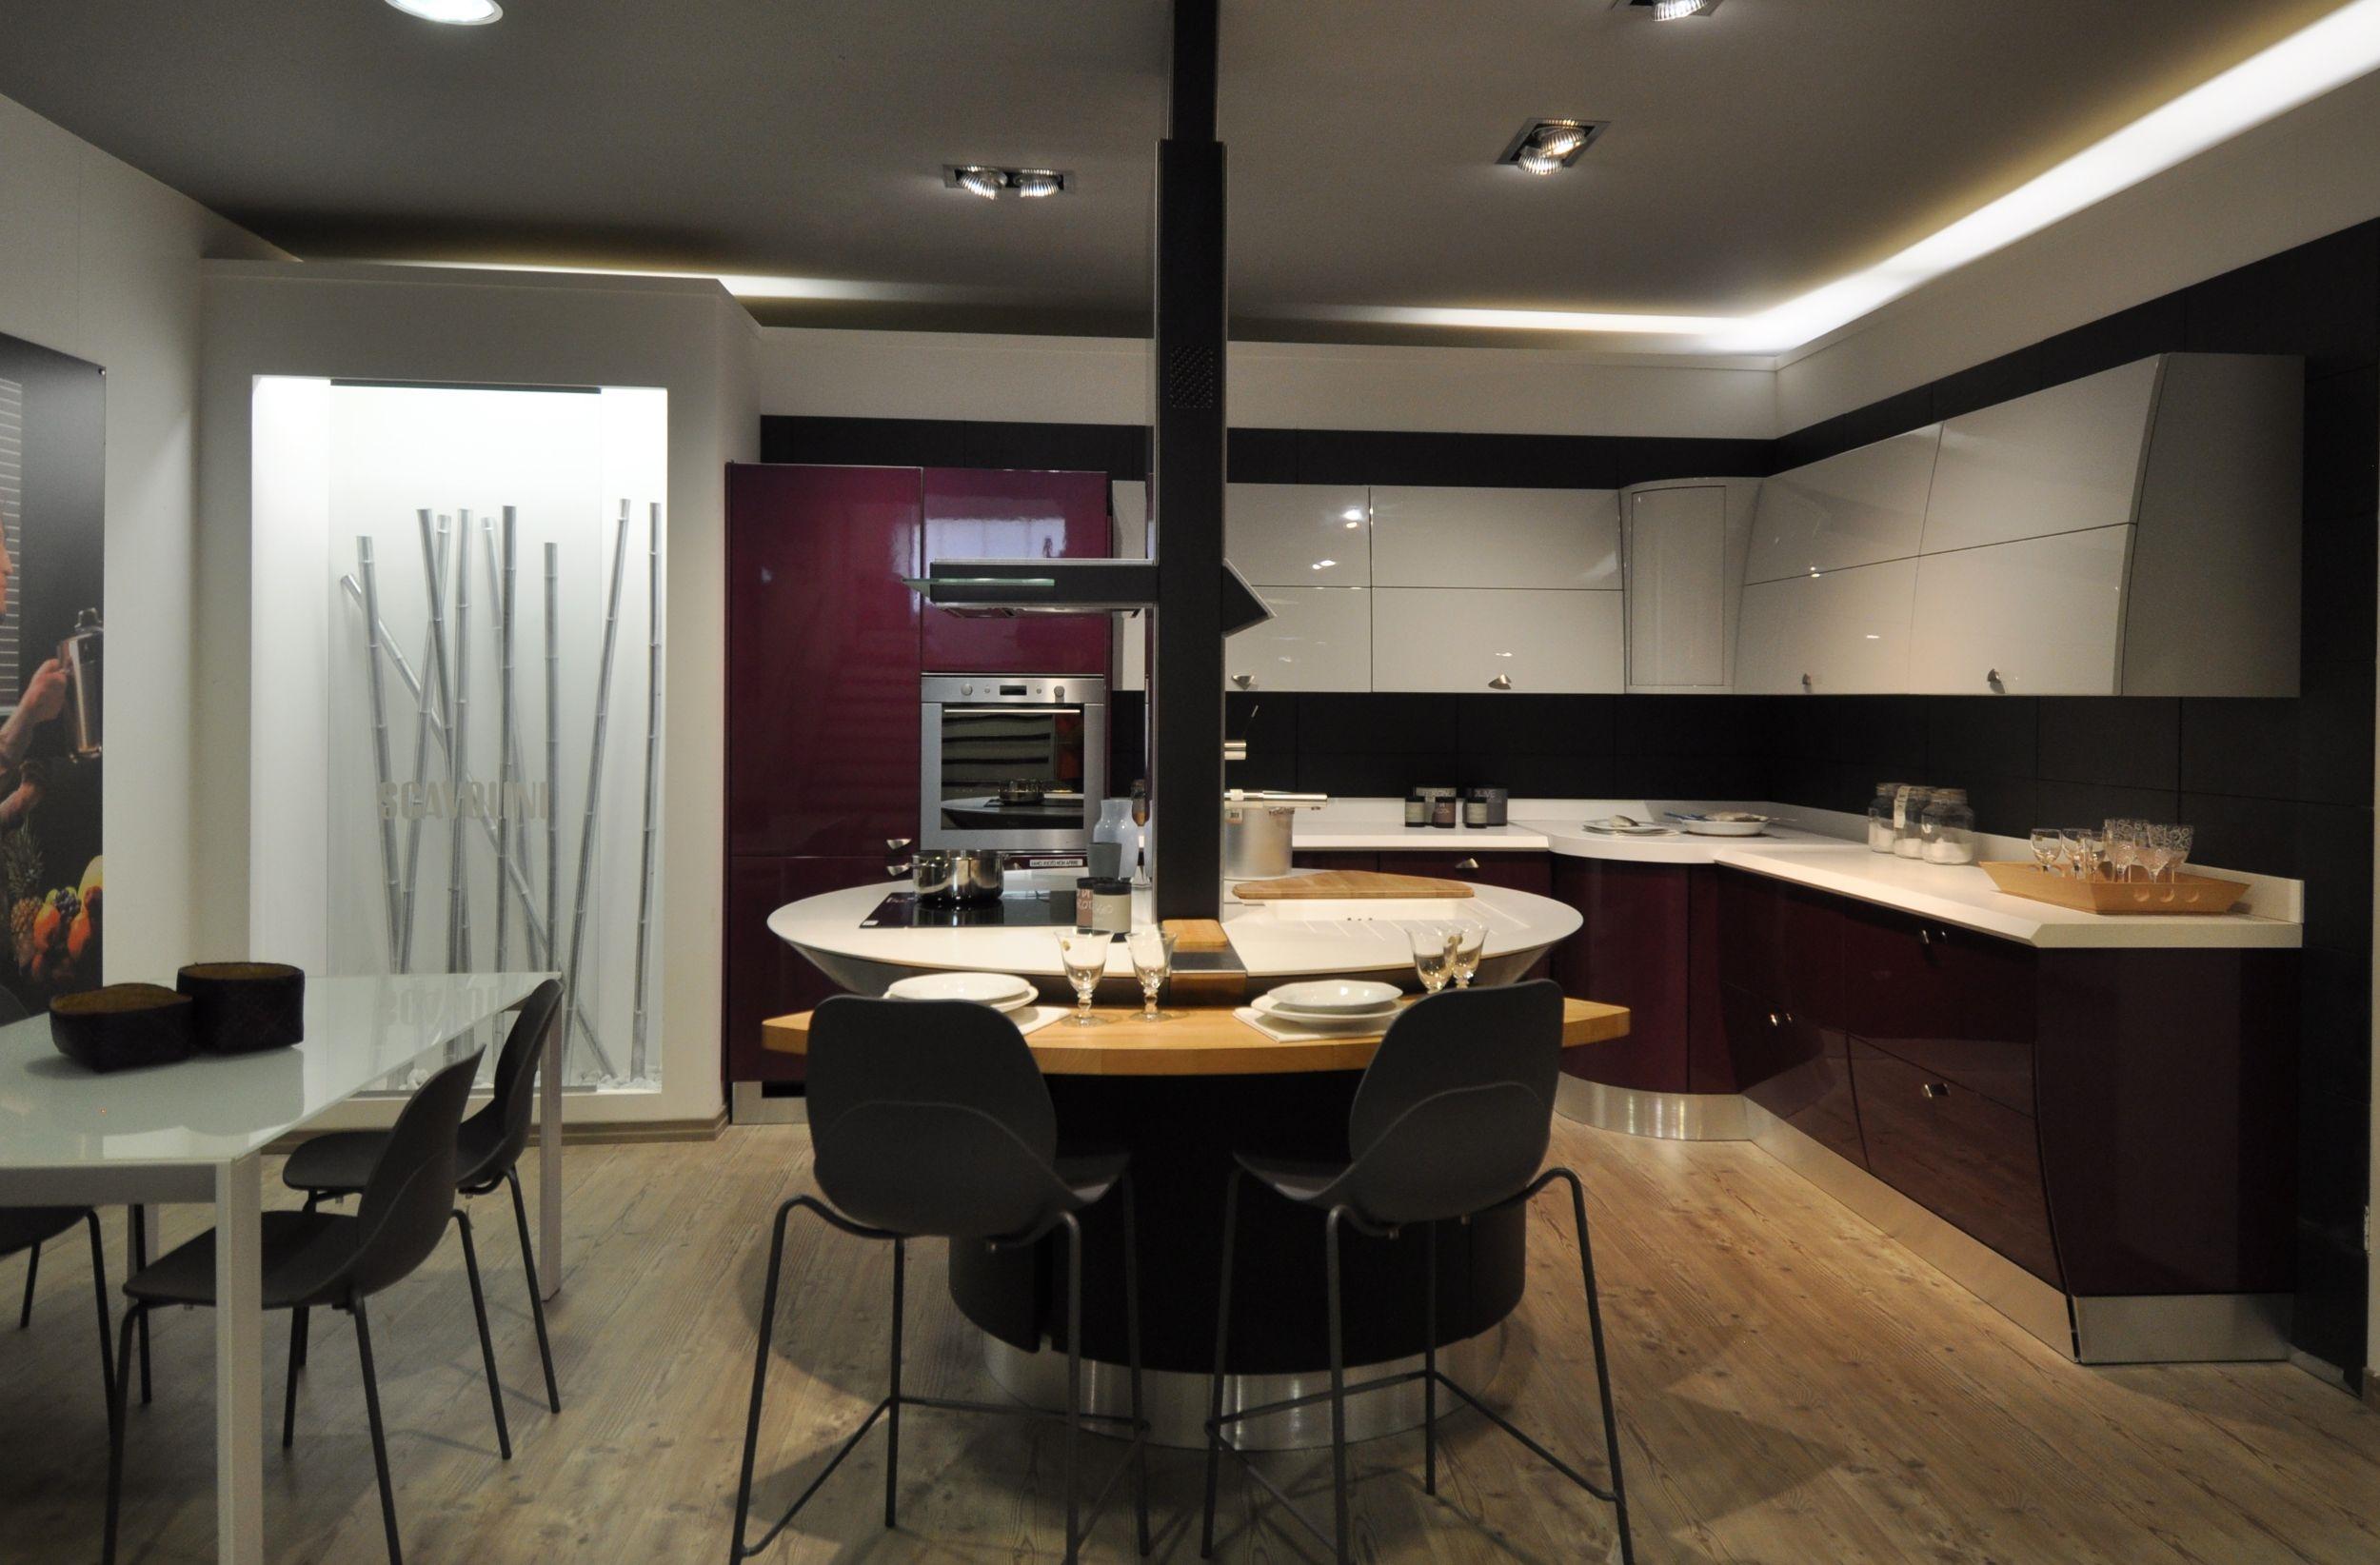 Arredamento Cucine Con Isola. Top Cucine Moderne In Legno A Modena ...